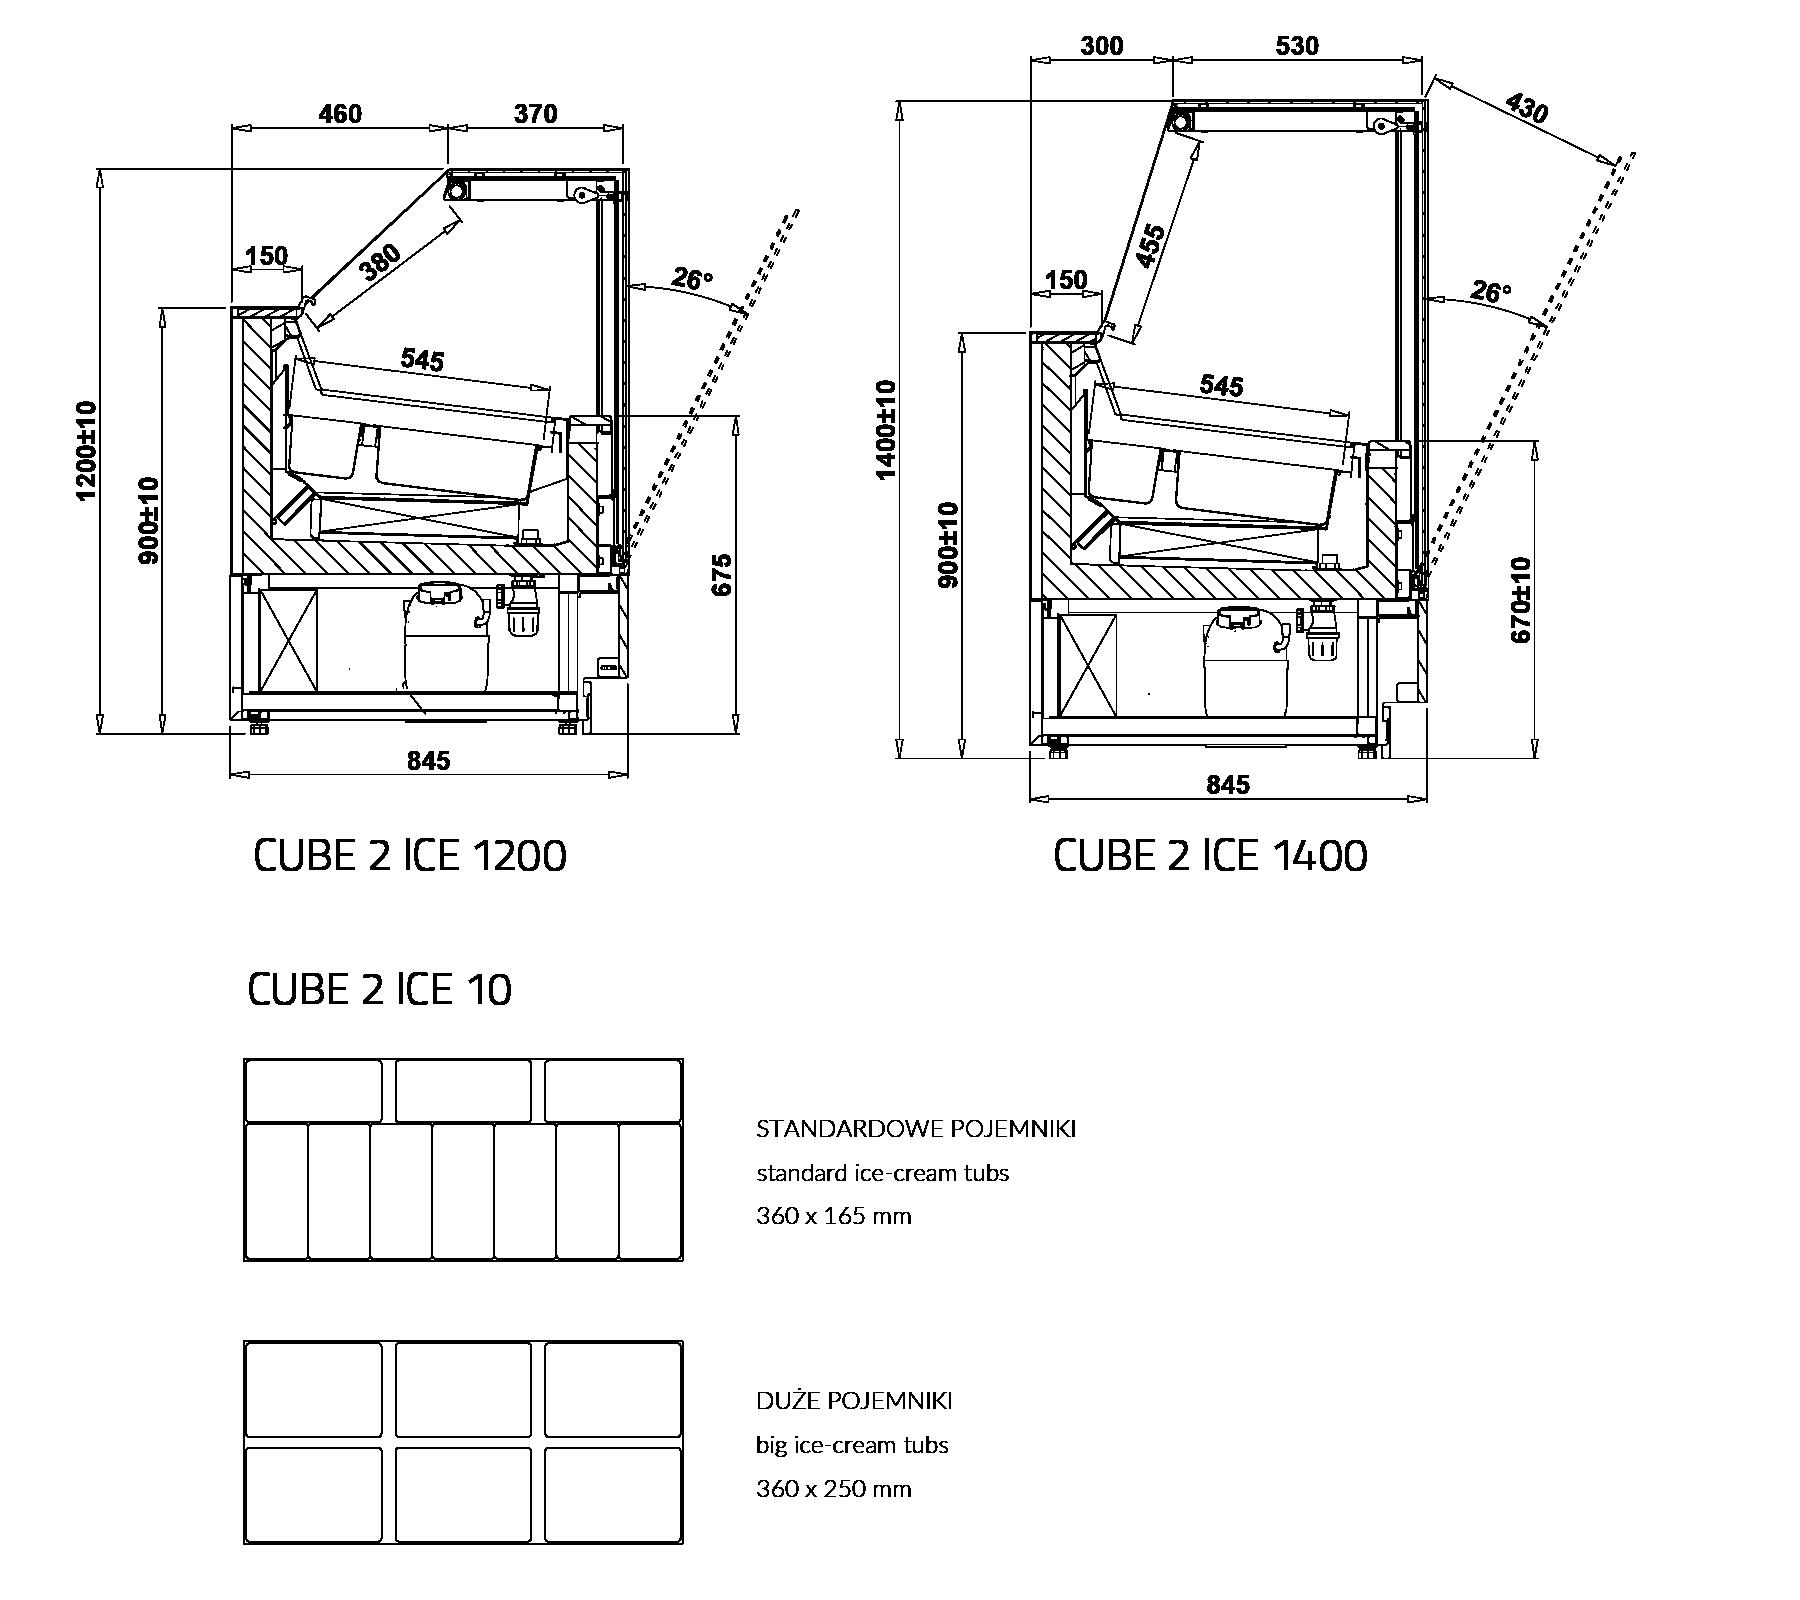 Технический чертеж Салатные витрины CUBE 2 ICE MOD C